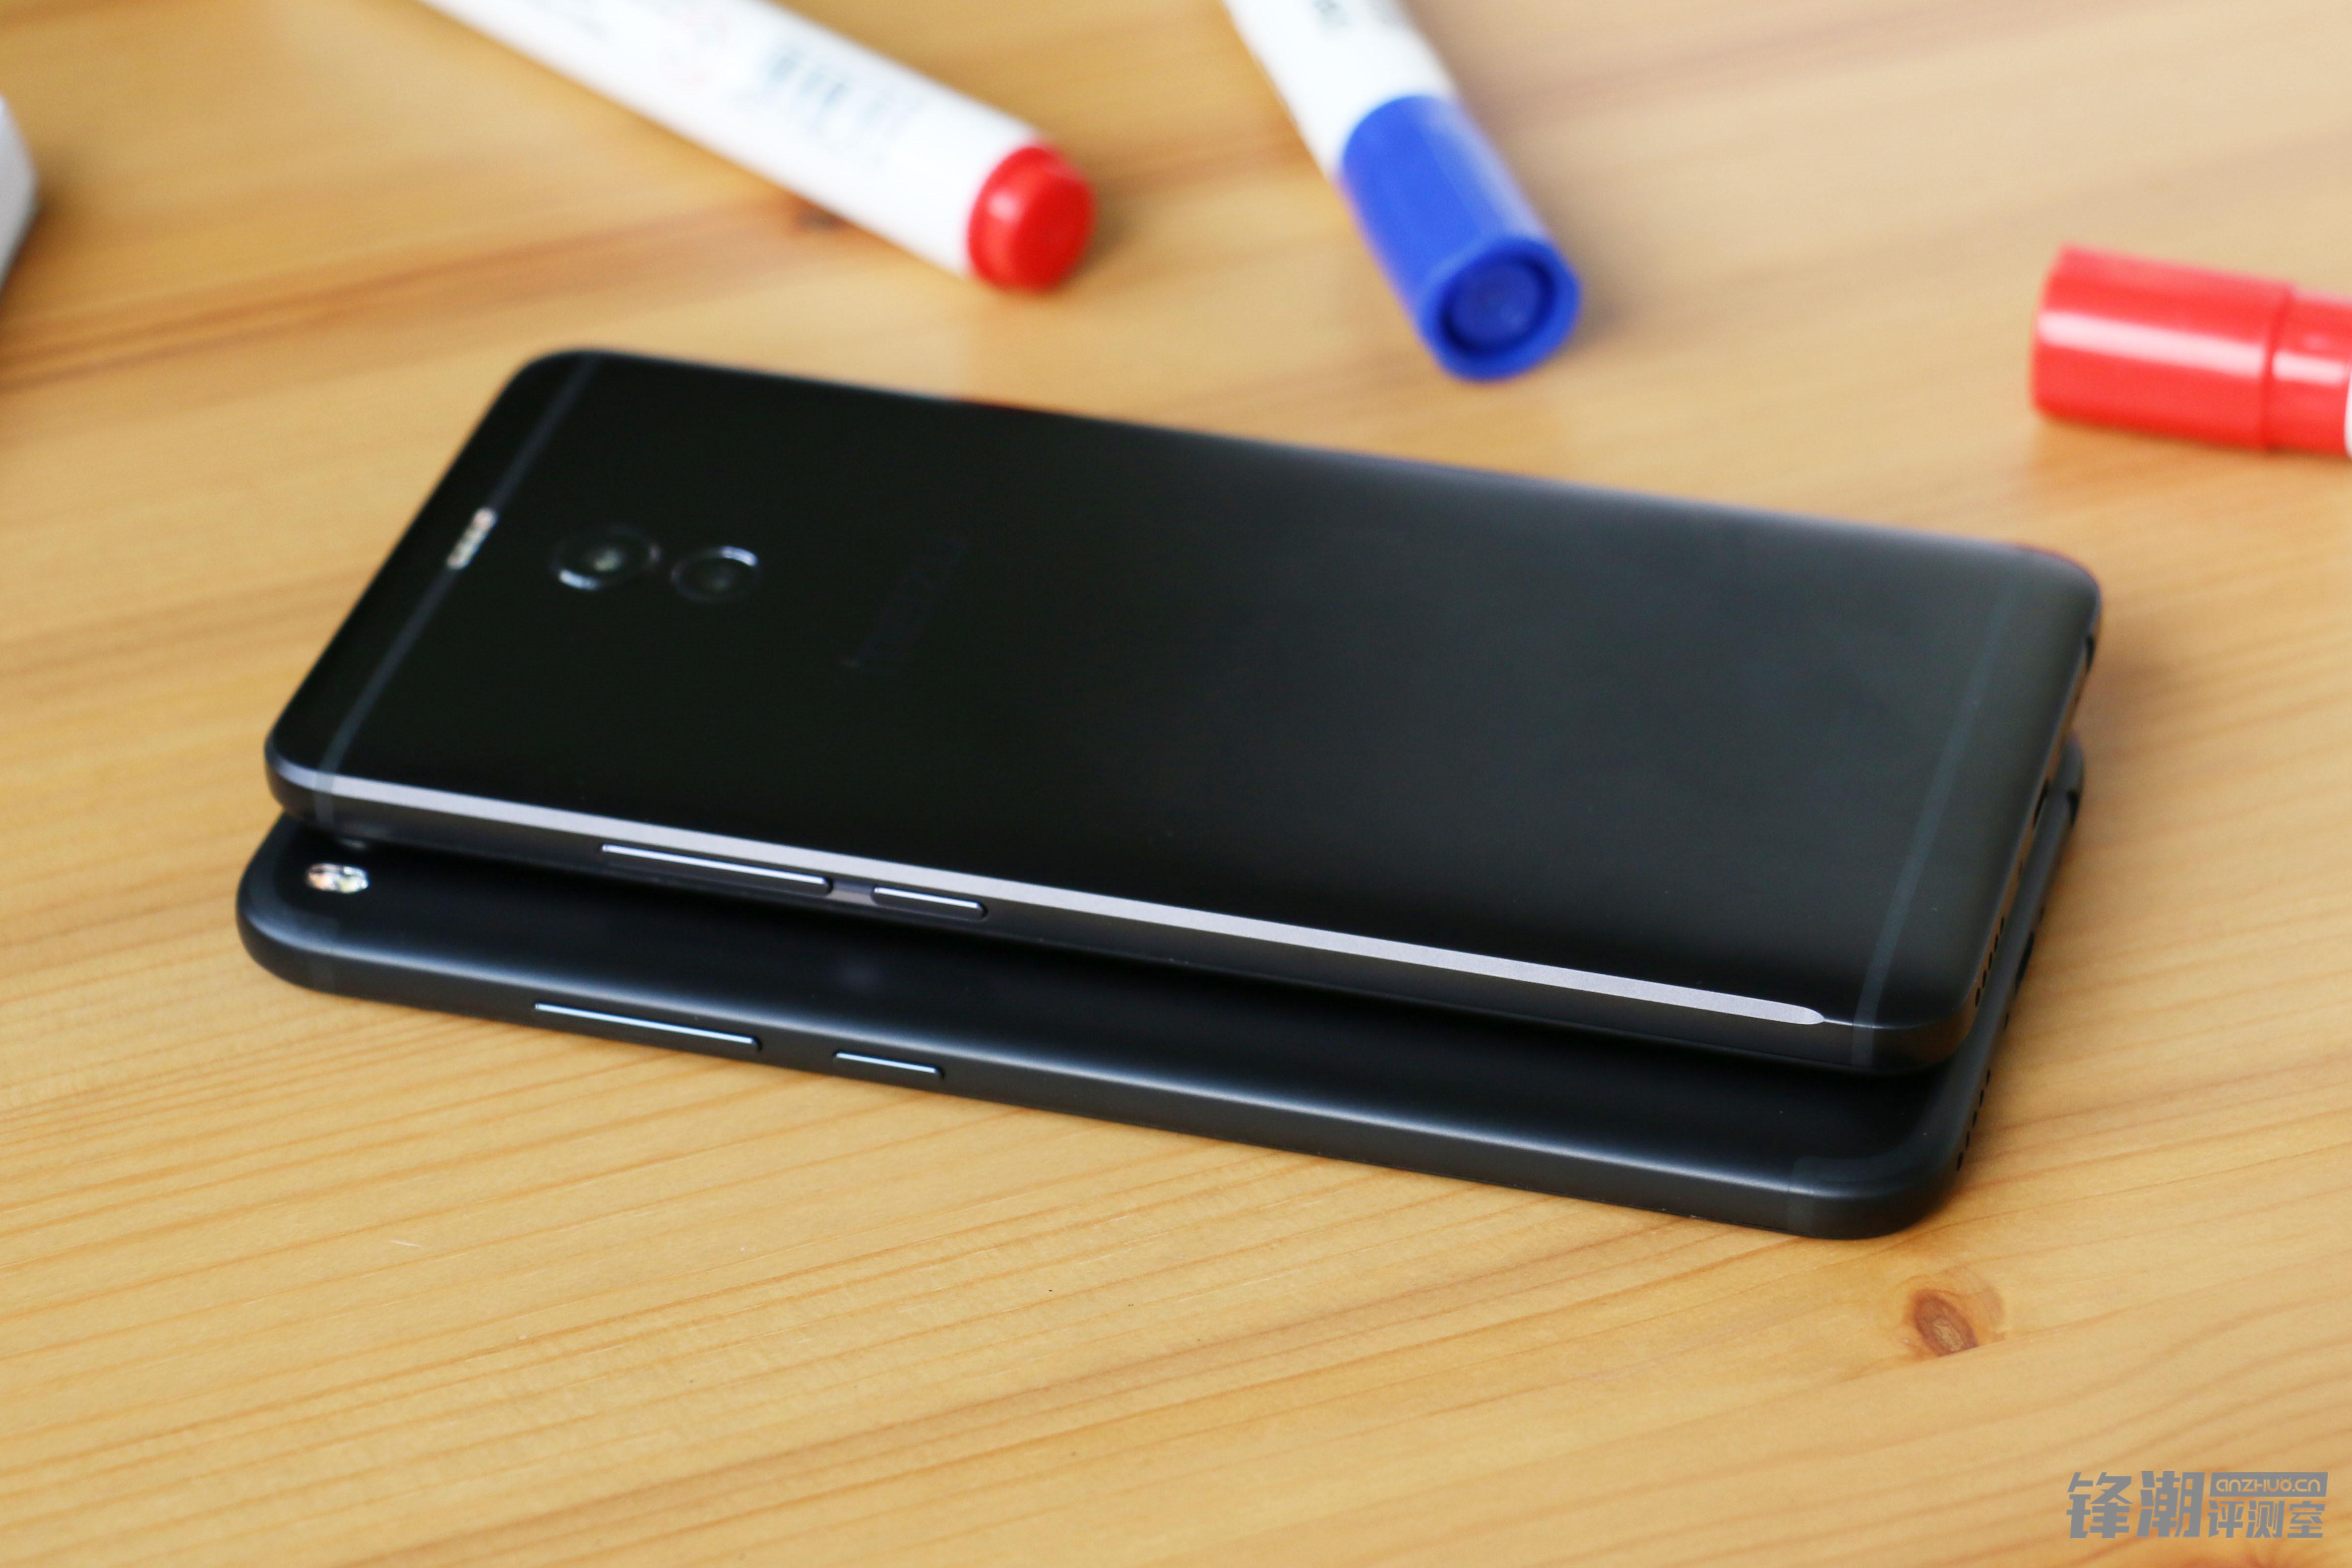 【力皮西】千元价位的争夺战:魅蓝 Note6 VS 小米5X 对比评测